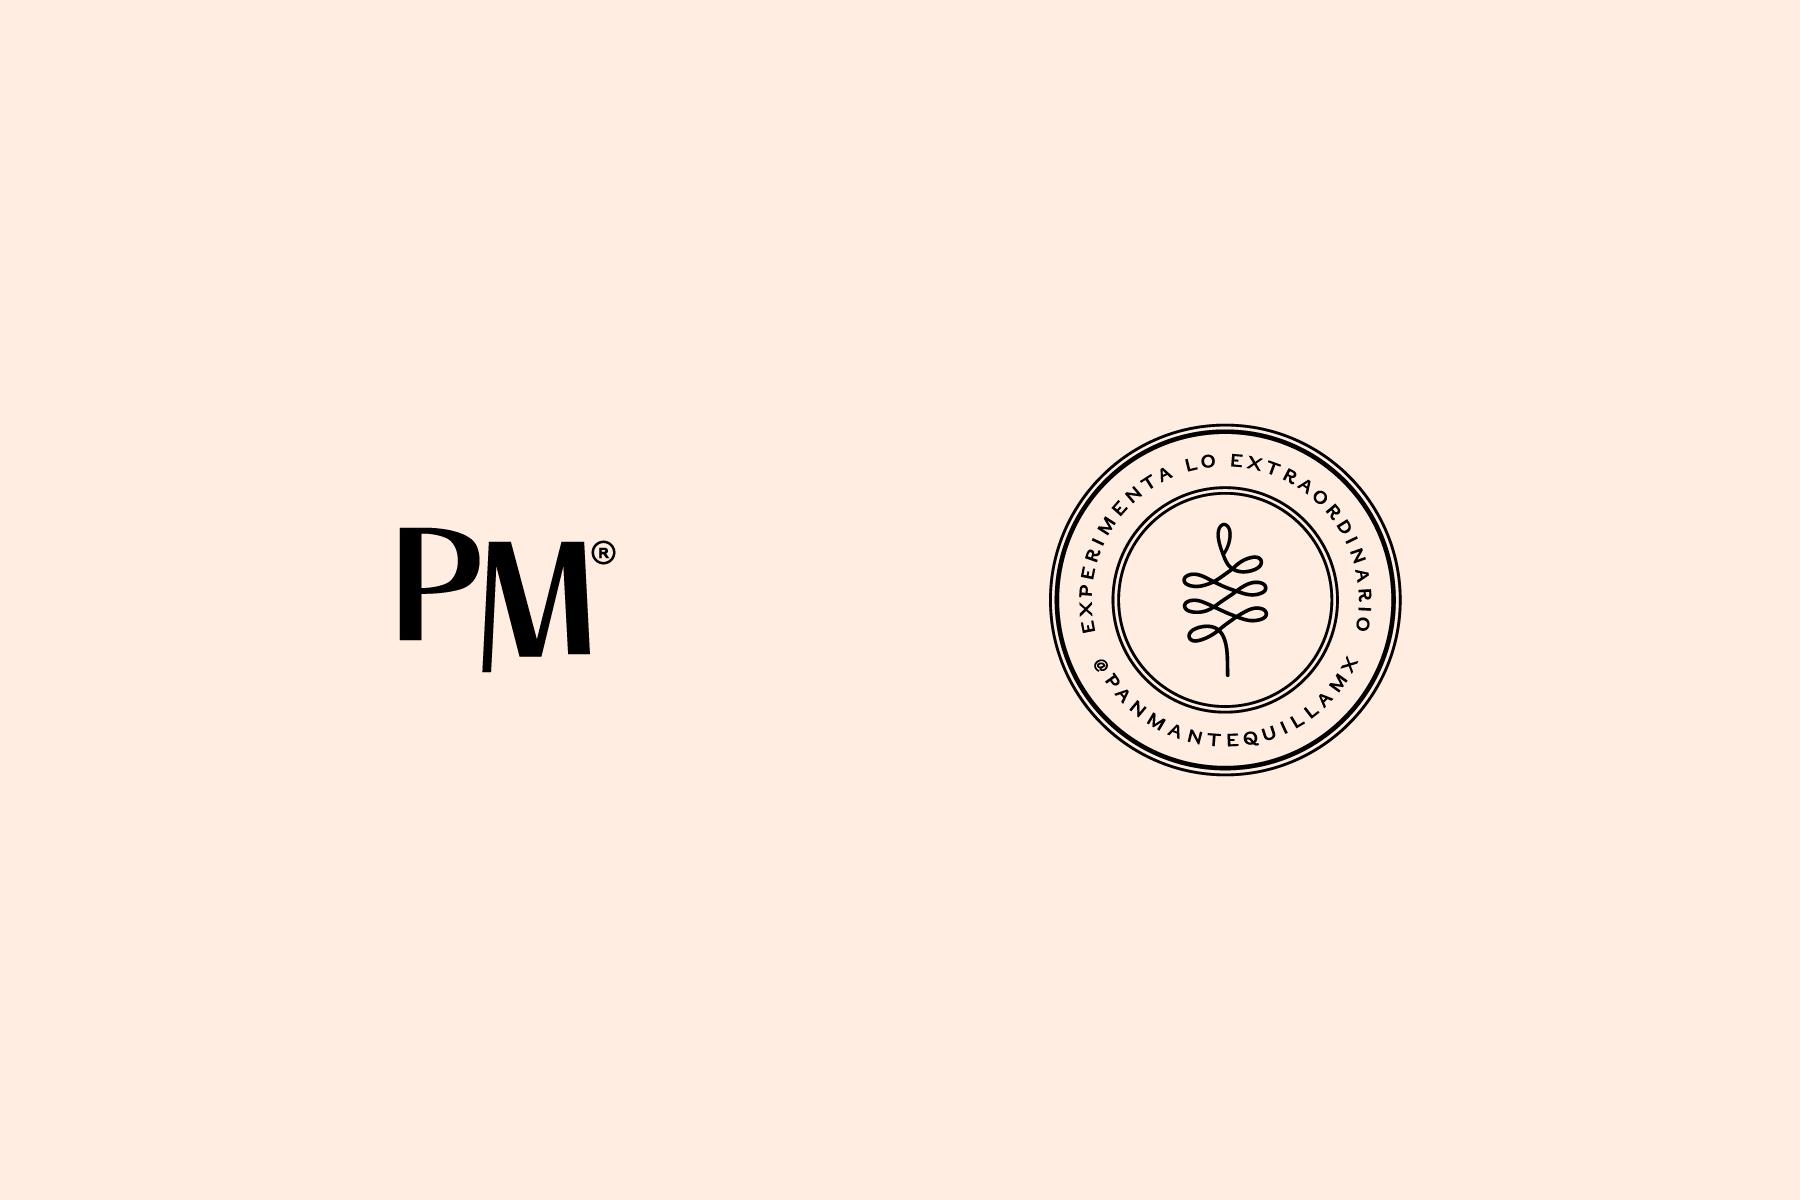 Versiones responsivas - Pan y Mantequilla - Identidad Visual